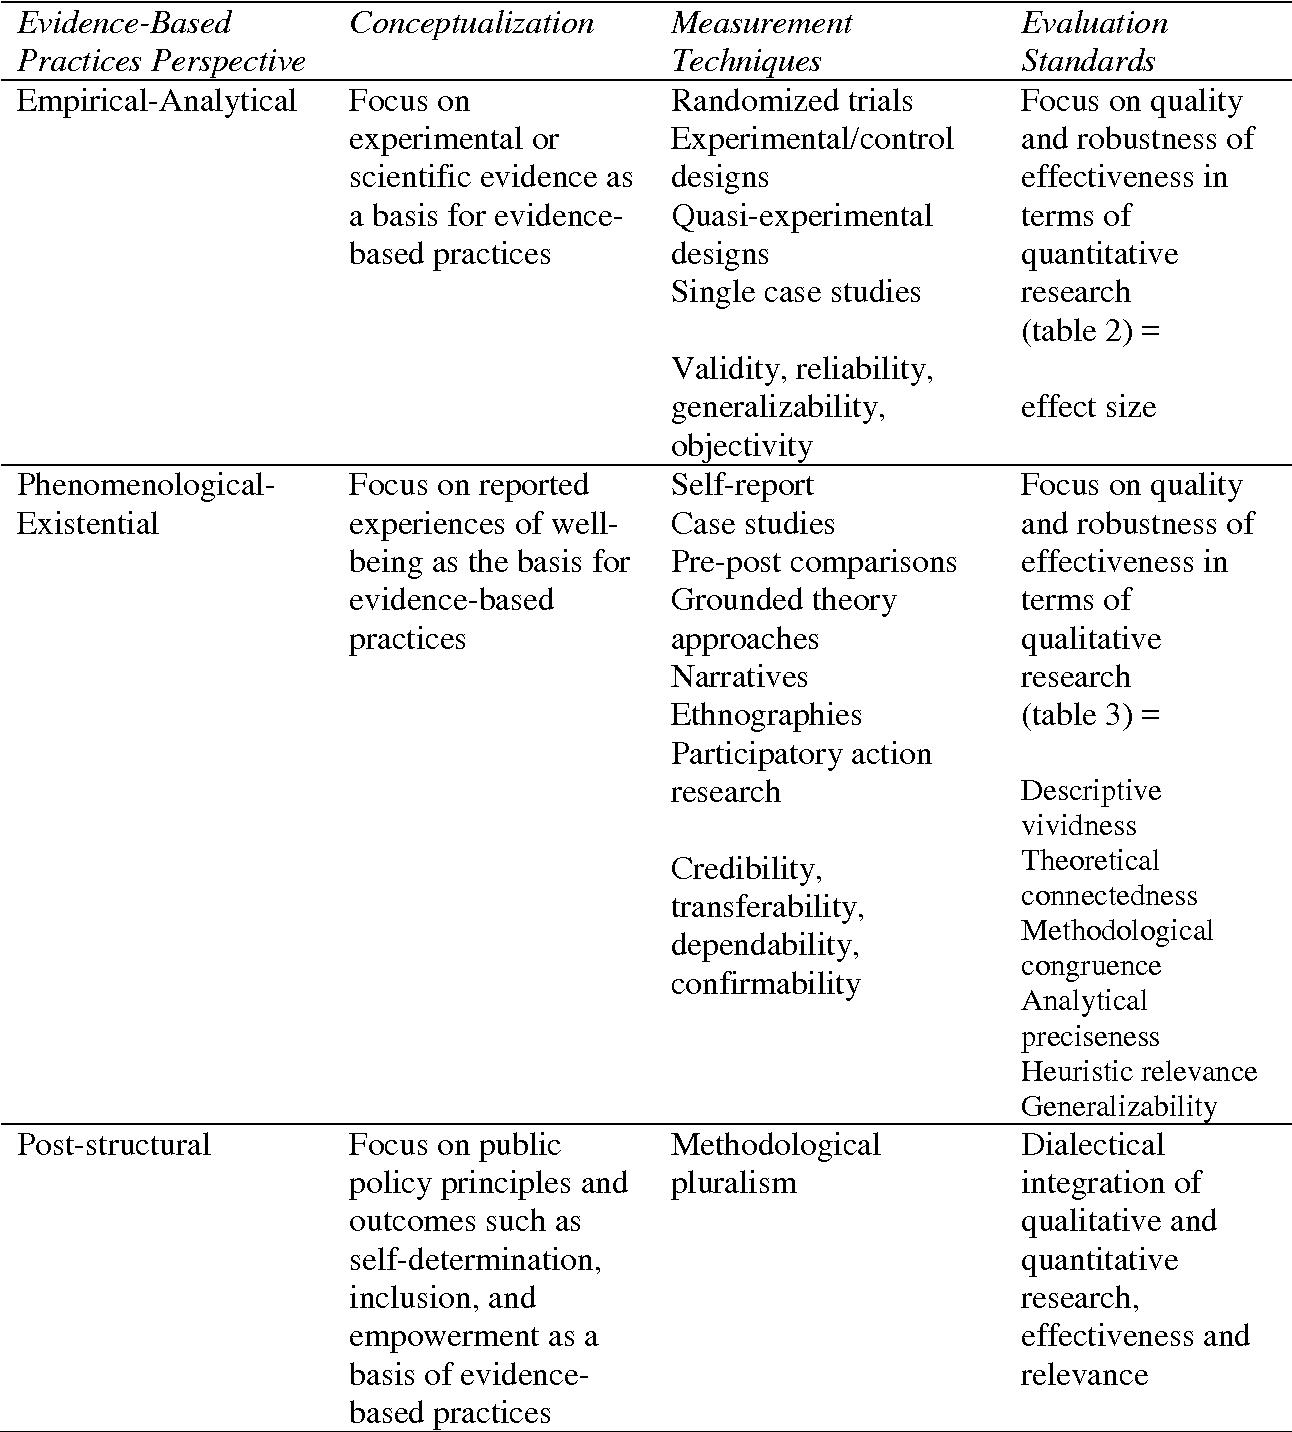 descriptive vividness in qualitative research